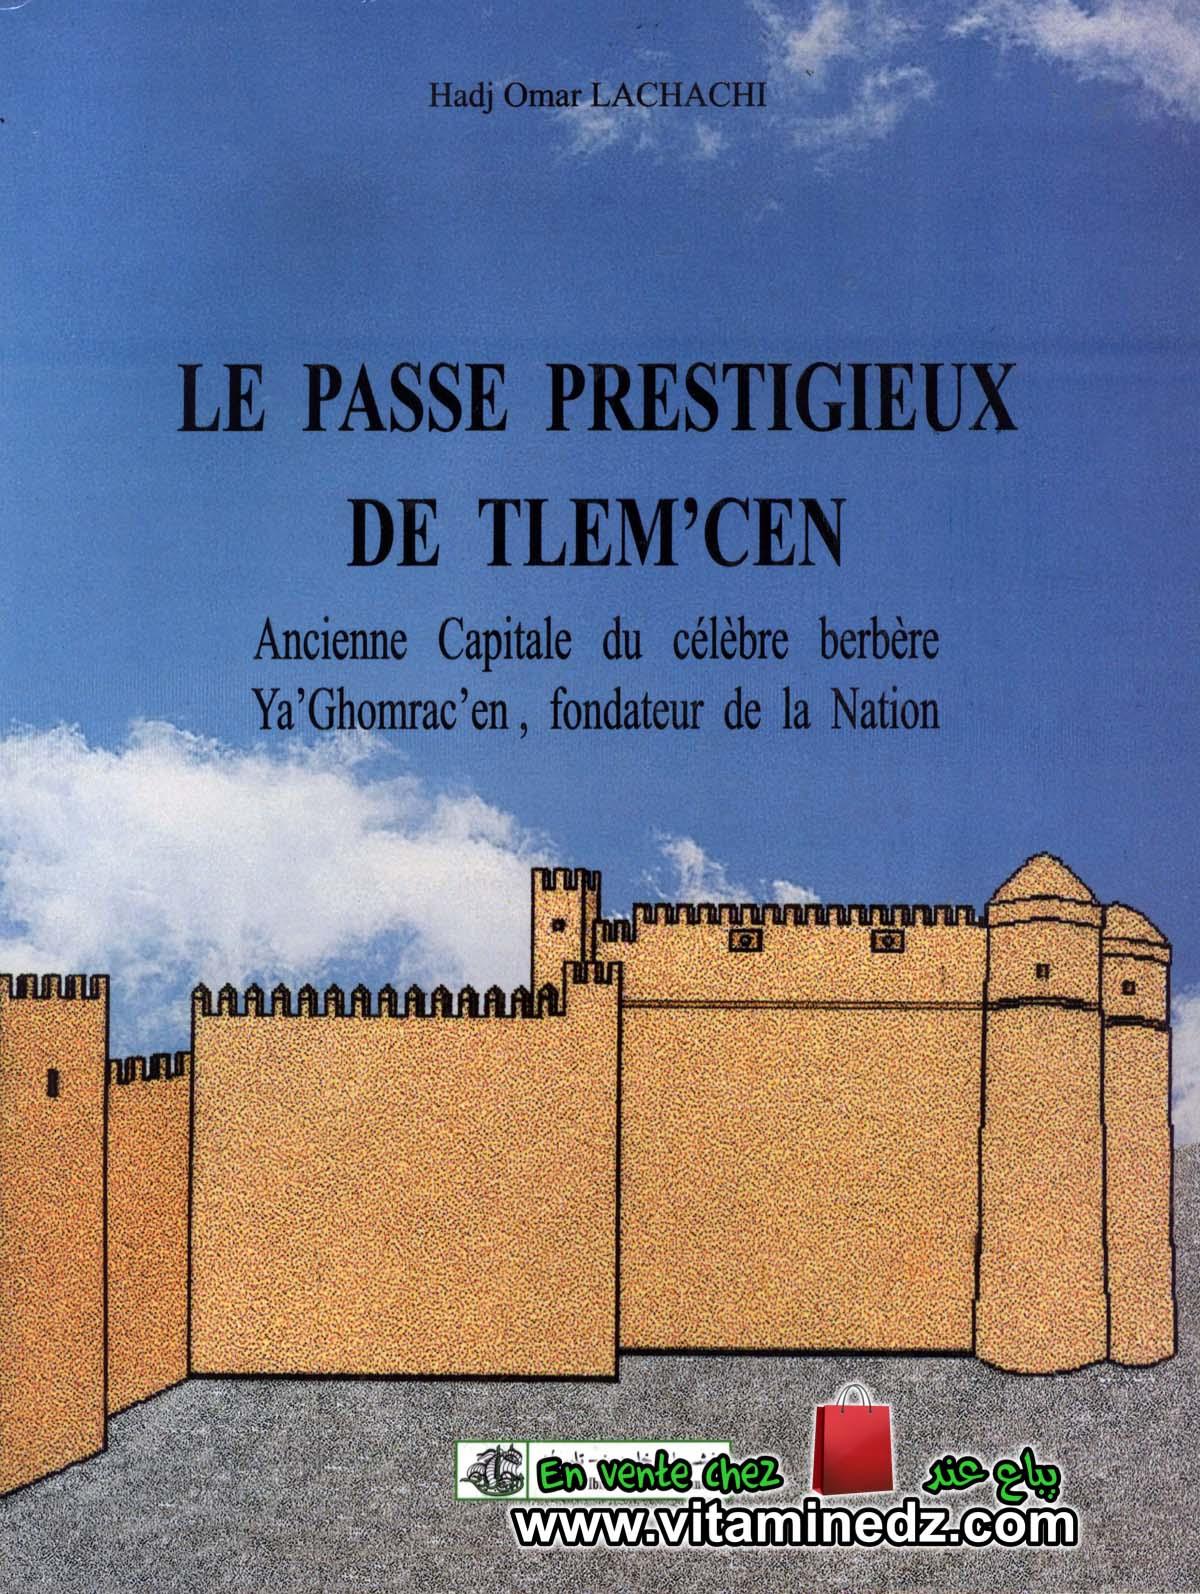 Hadj Omar Lachachi - Le Passé Prestigieux de Tlemcen (Ancienne Capitale du célèbre berbère Ya'Ghomracen)